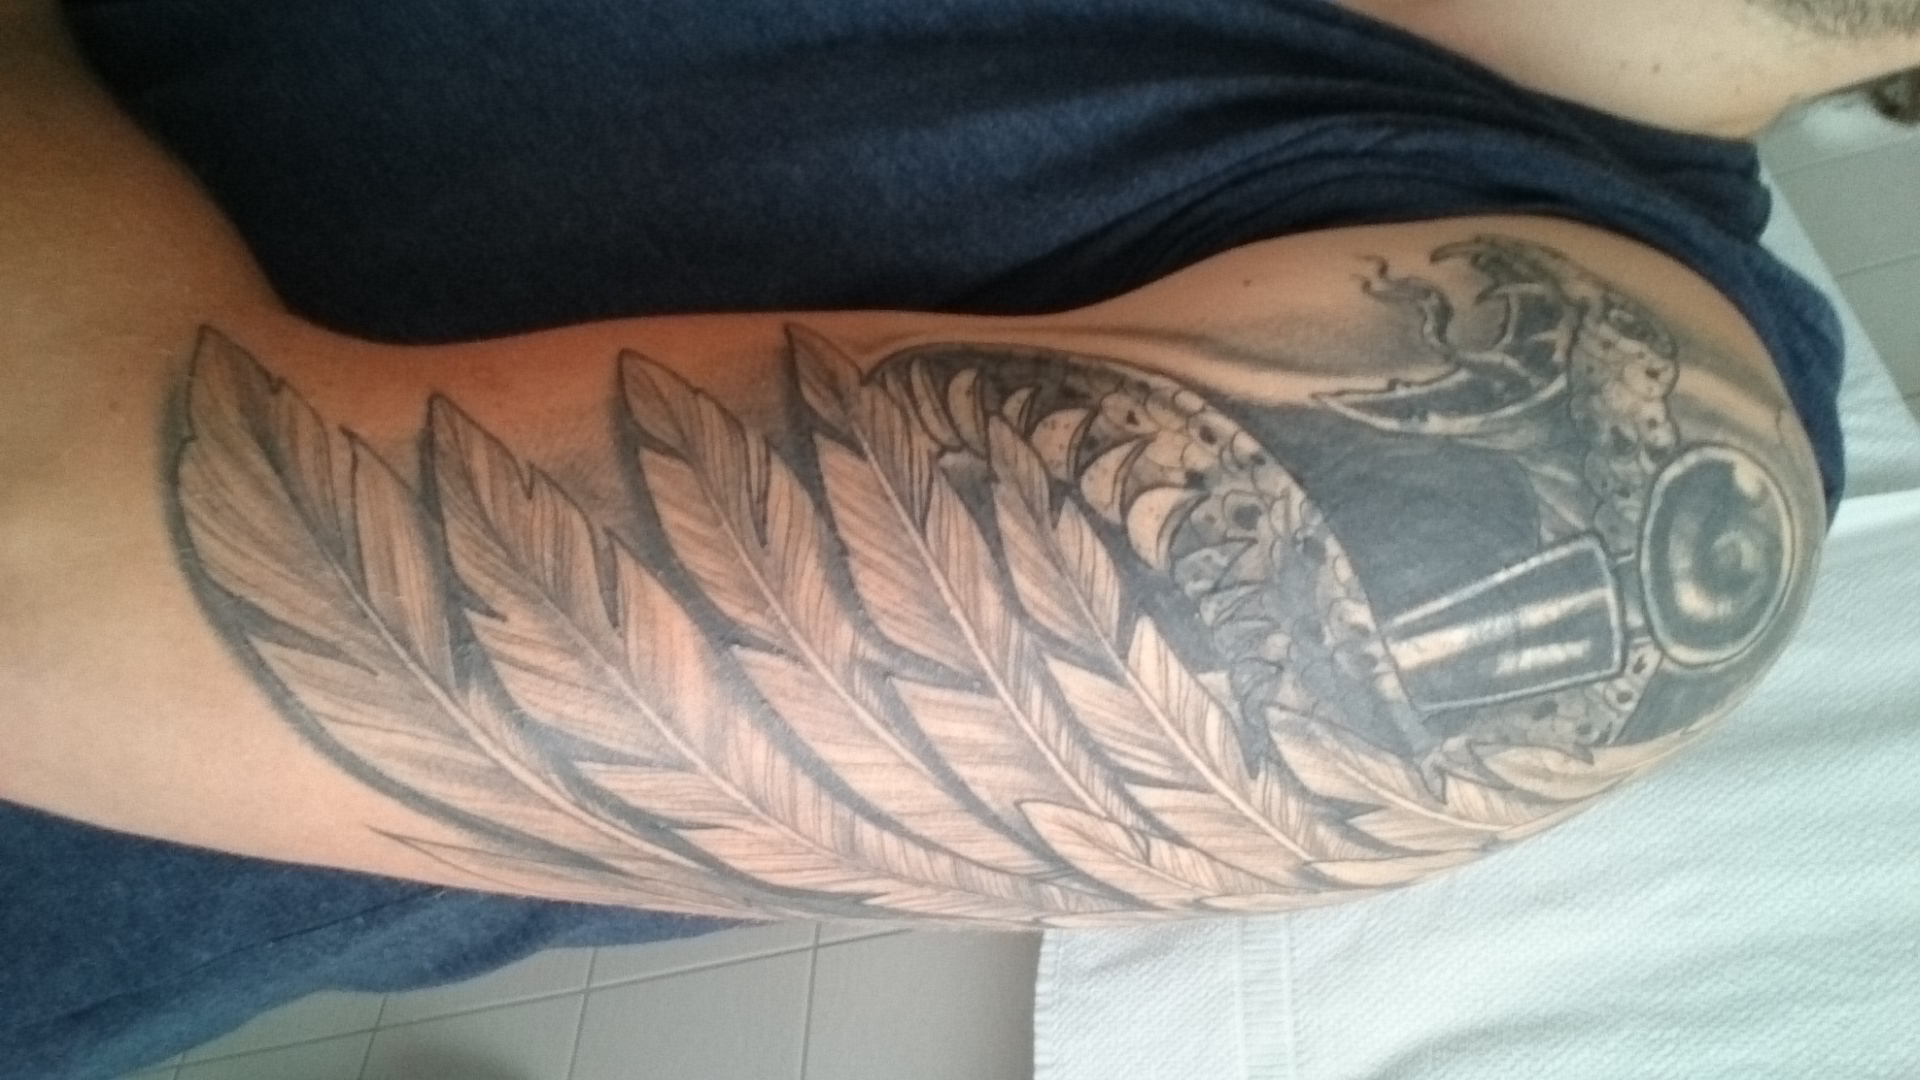 Tattoo nach 5 Wochen geschwollen und juckt : Tattoo